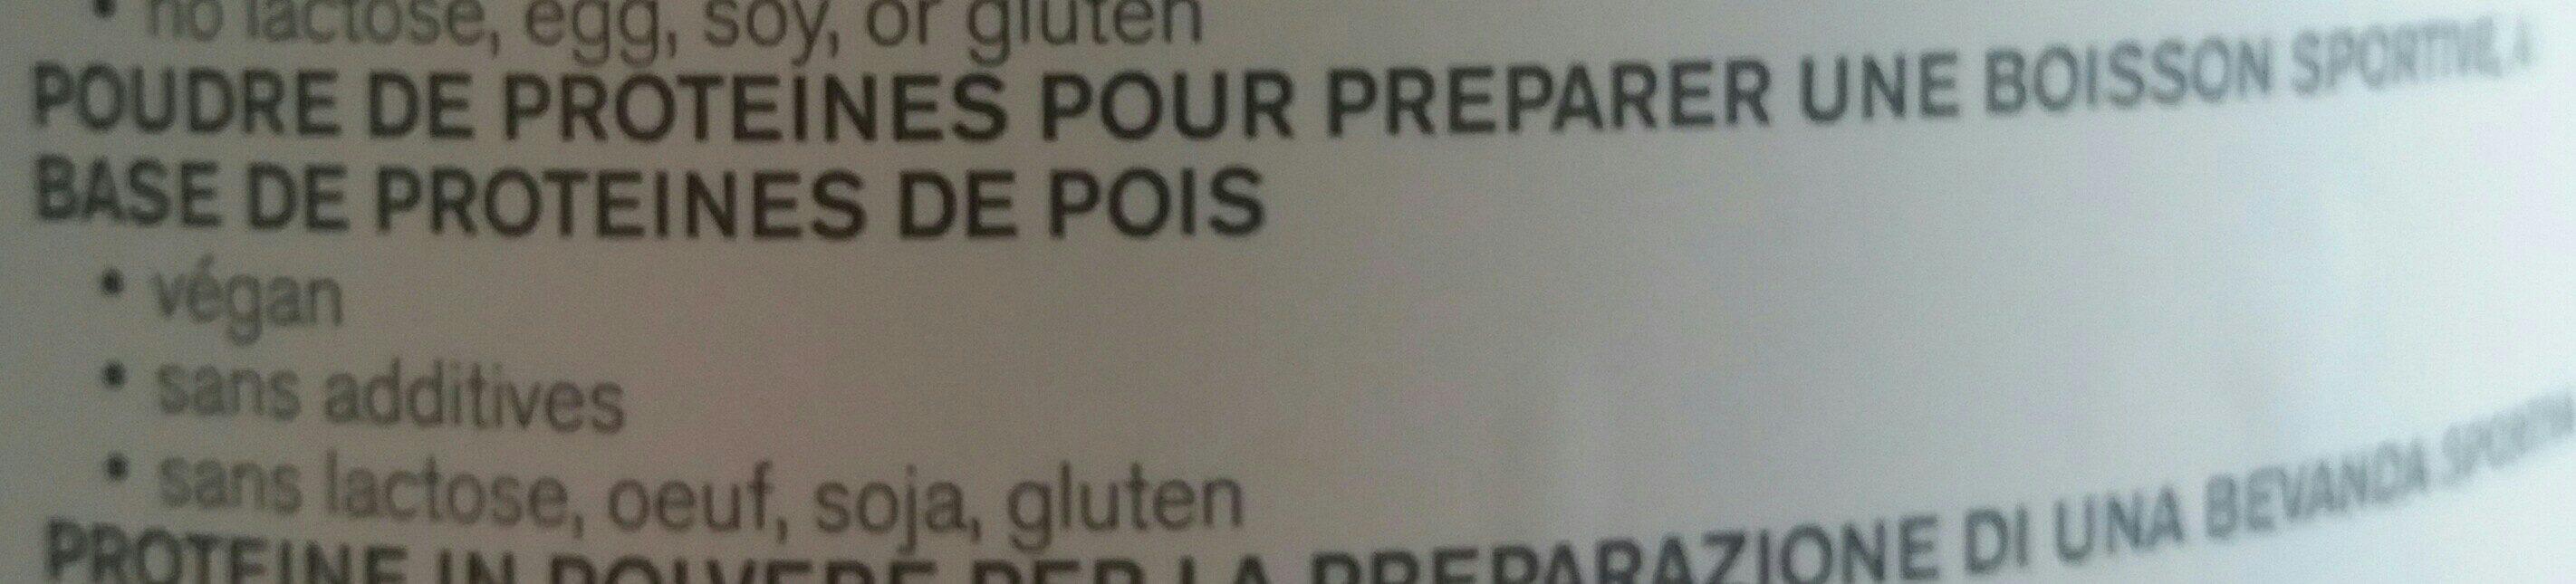 Nu3 Erteprotein, Pulver - Ingrediënten - fr